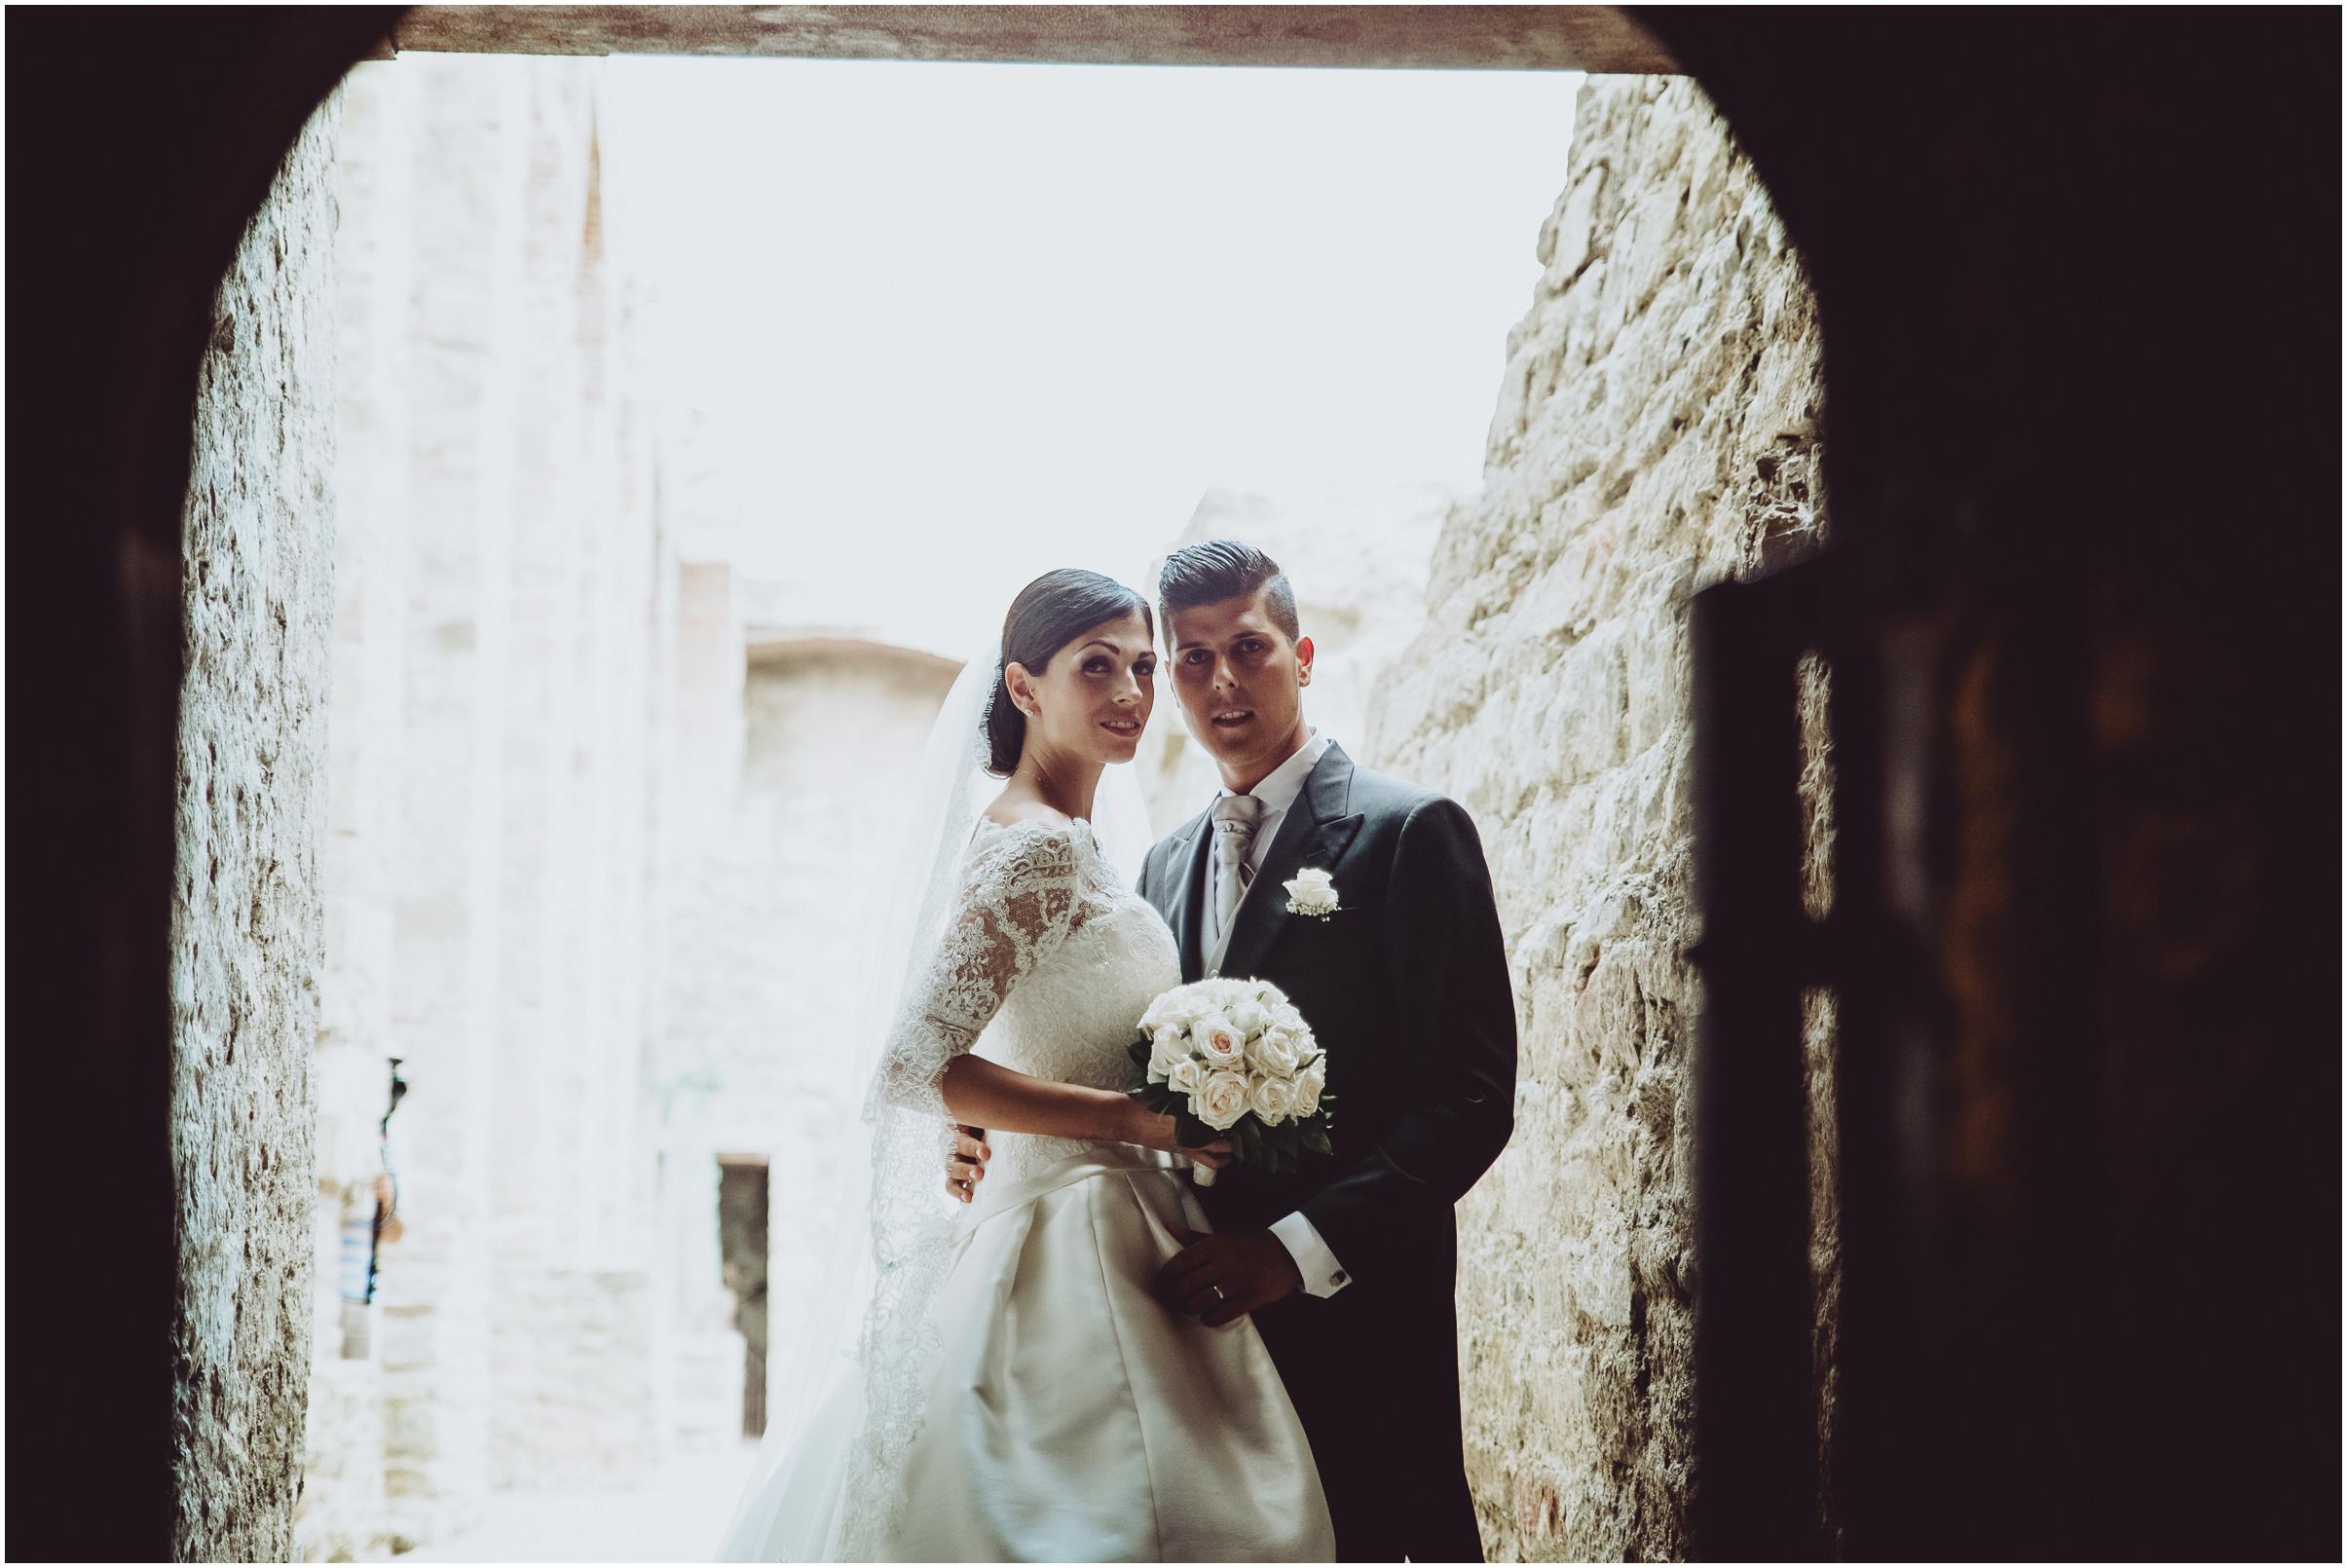 WEDDING-PHOTOGRAPHY-SARA-LORENZONI-FOTOGRAFIA-MATRIMONIO-AREZZO-TUSCANY-EVENTO-LE-SPOSE-DI-GIANNI-ELISA-LUCA036